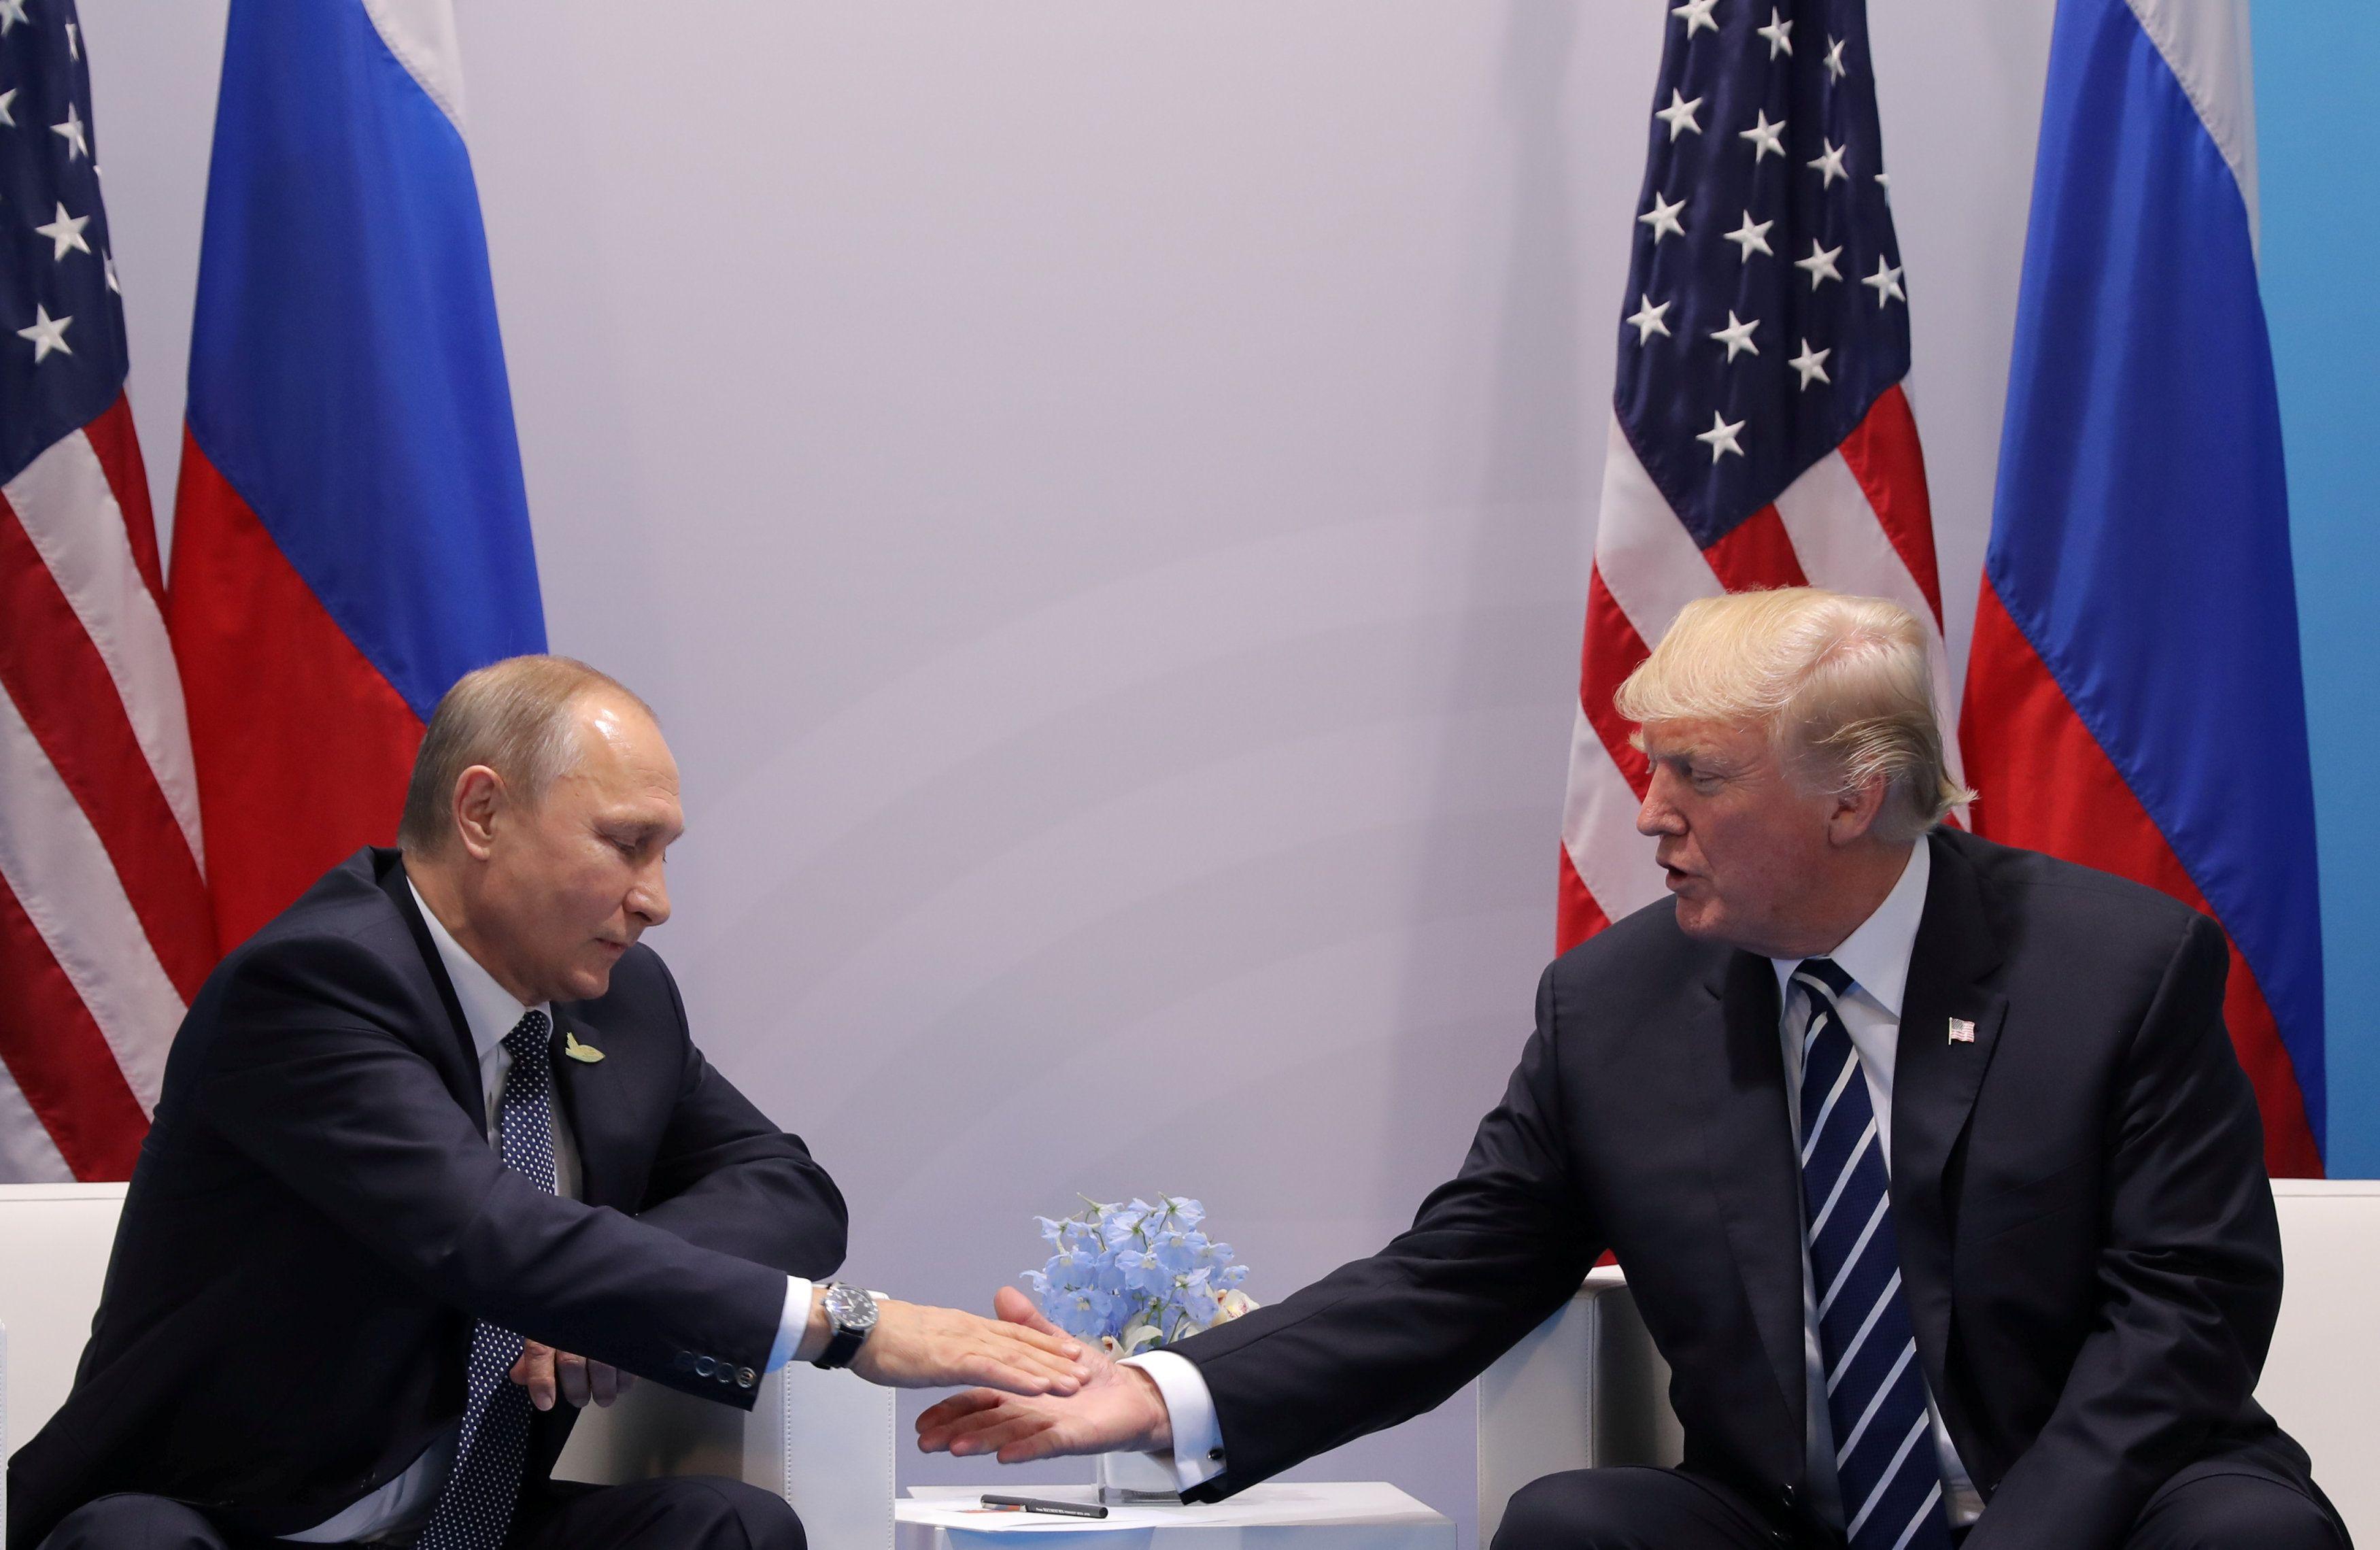 Советник президента США сообщил, что встреча Дональда Трампа с Владимиром Путиным